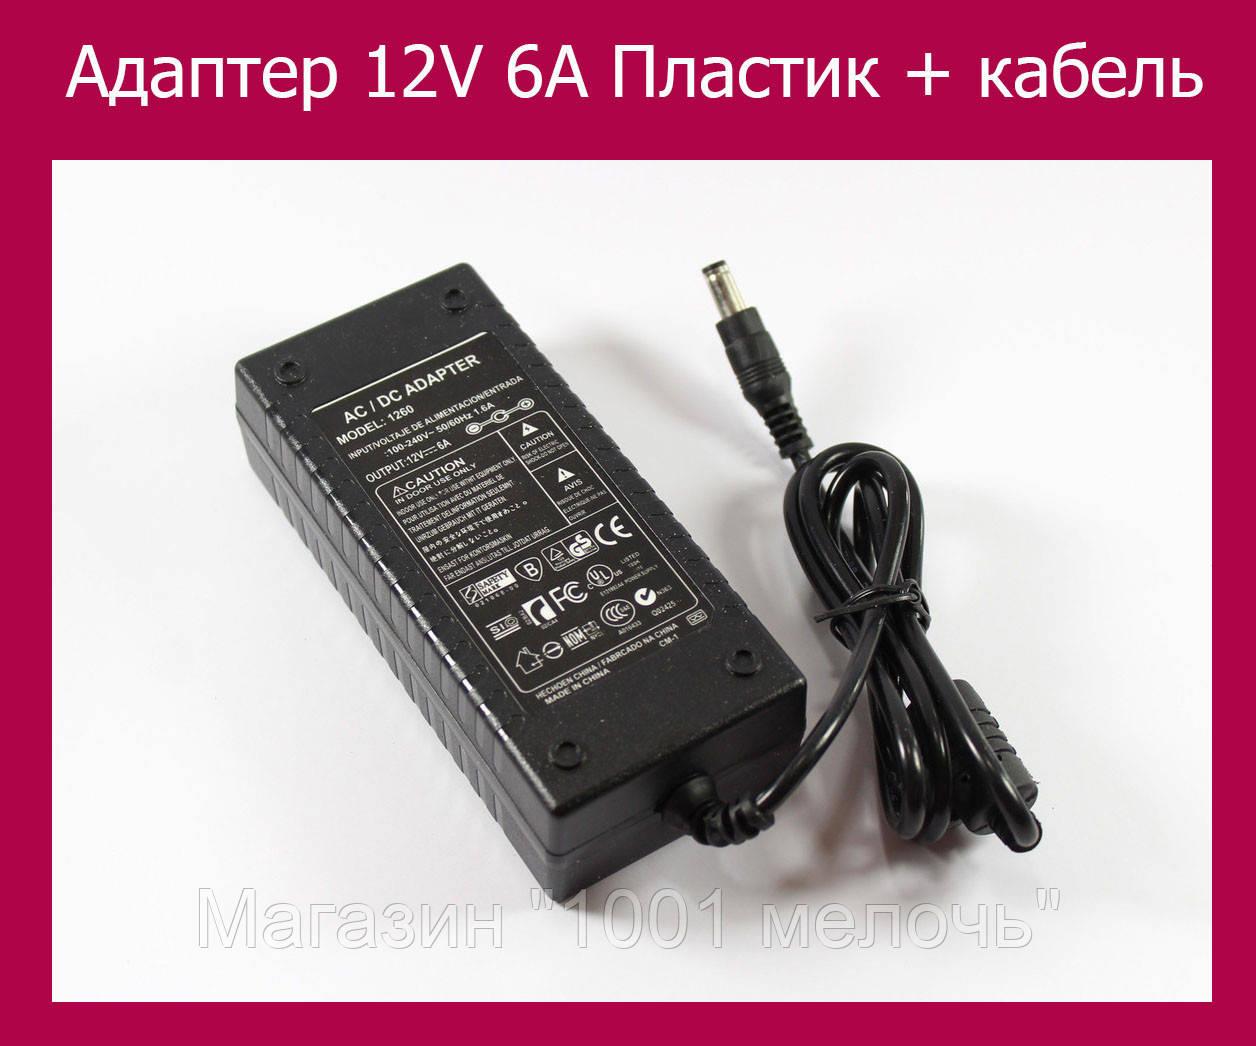 Адаптер 12V 6A Пластик + кабель (разъём 5.5*2.5mm)!Опт